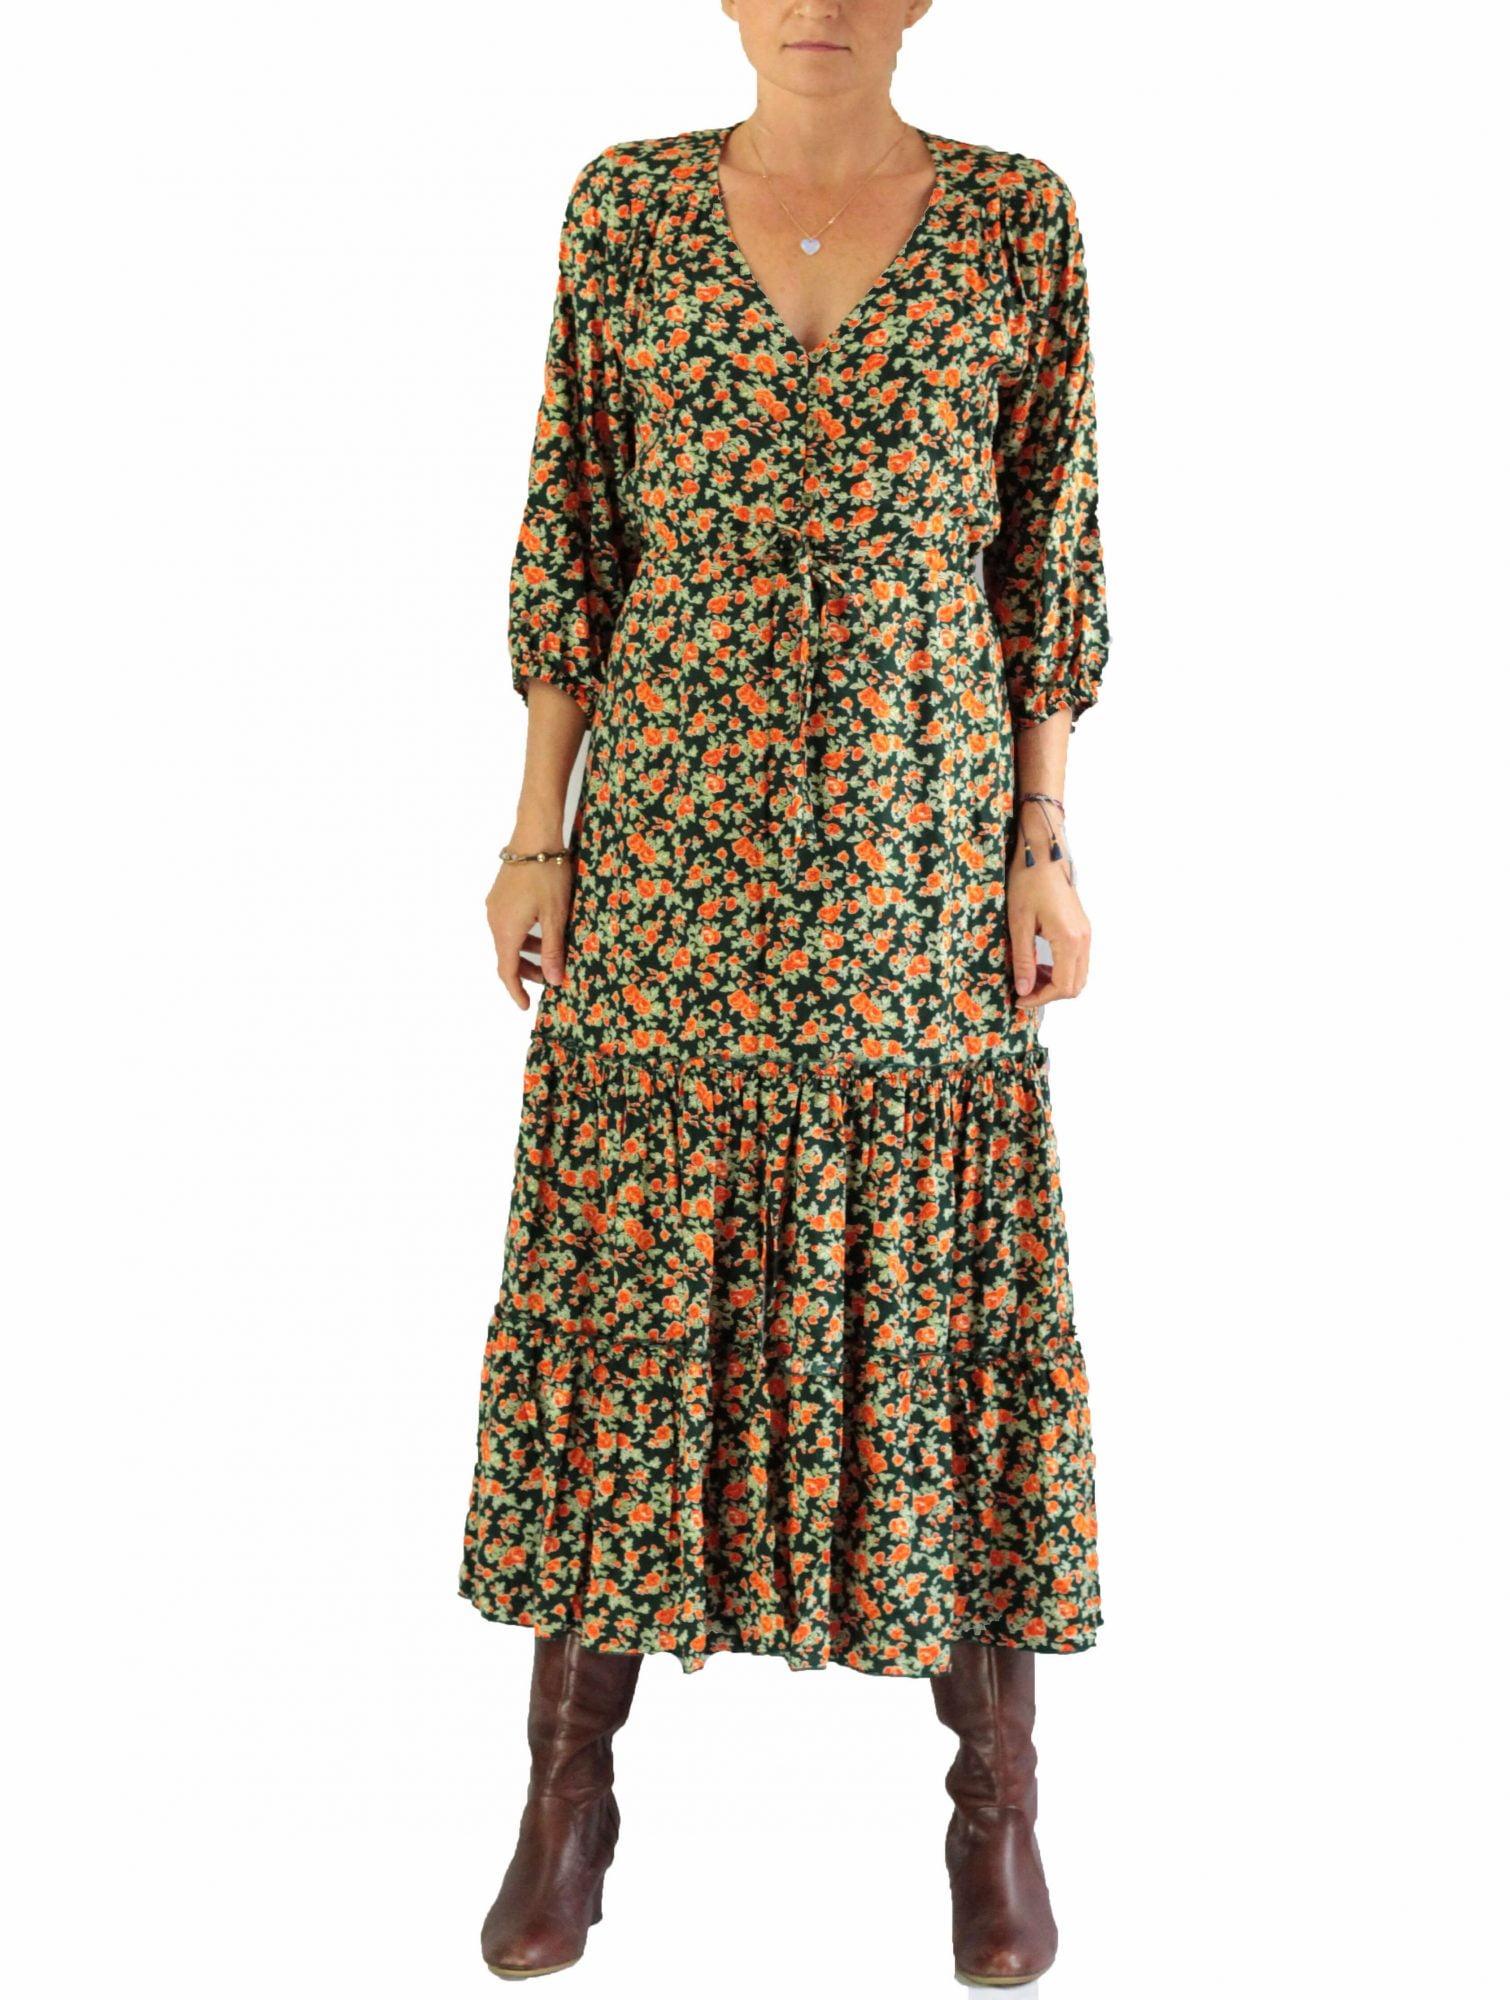 Boho Hippie Volantkleid Midilänge mit Blumenmuster Grün Orange